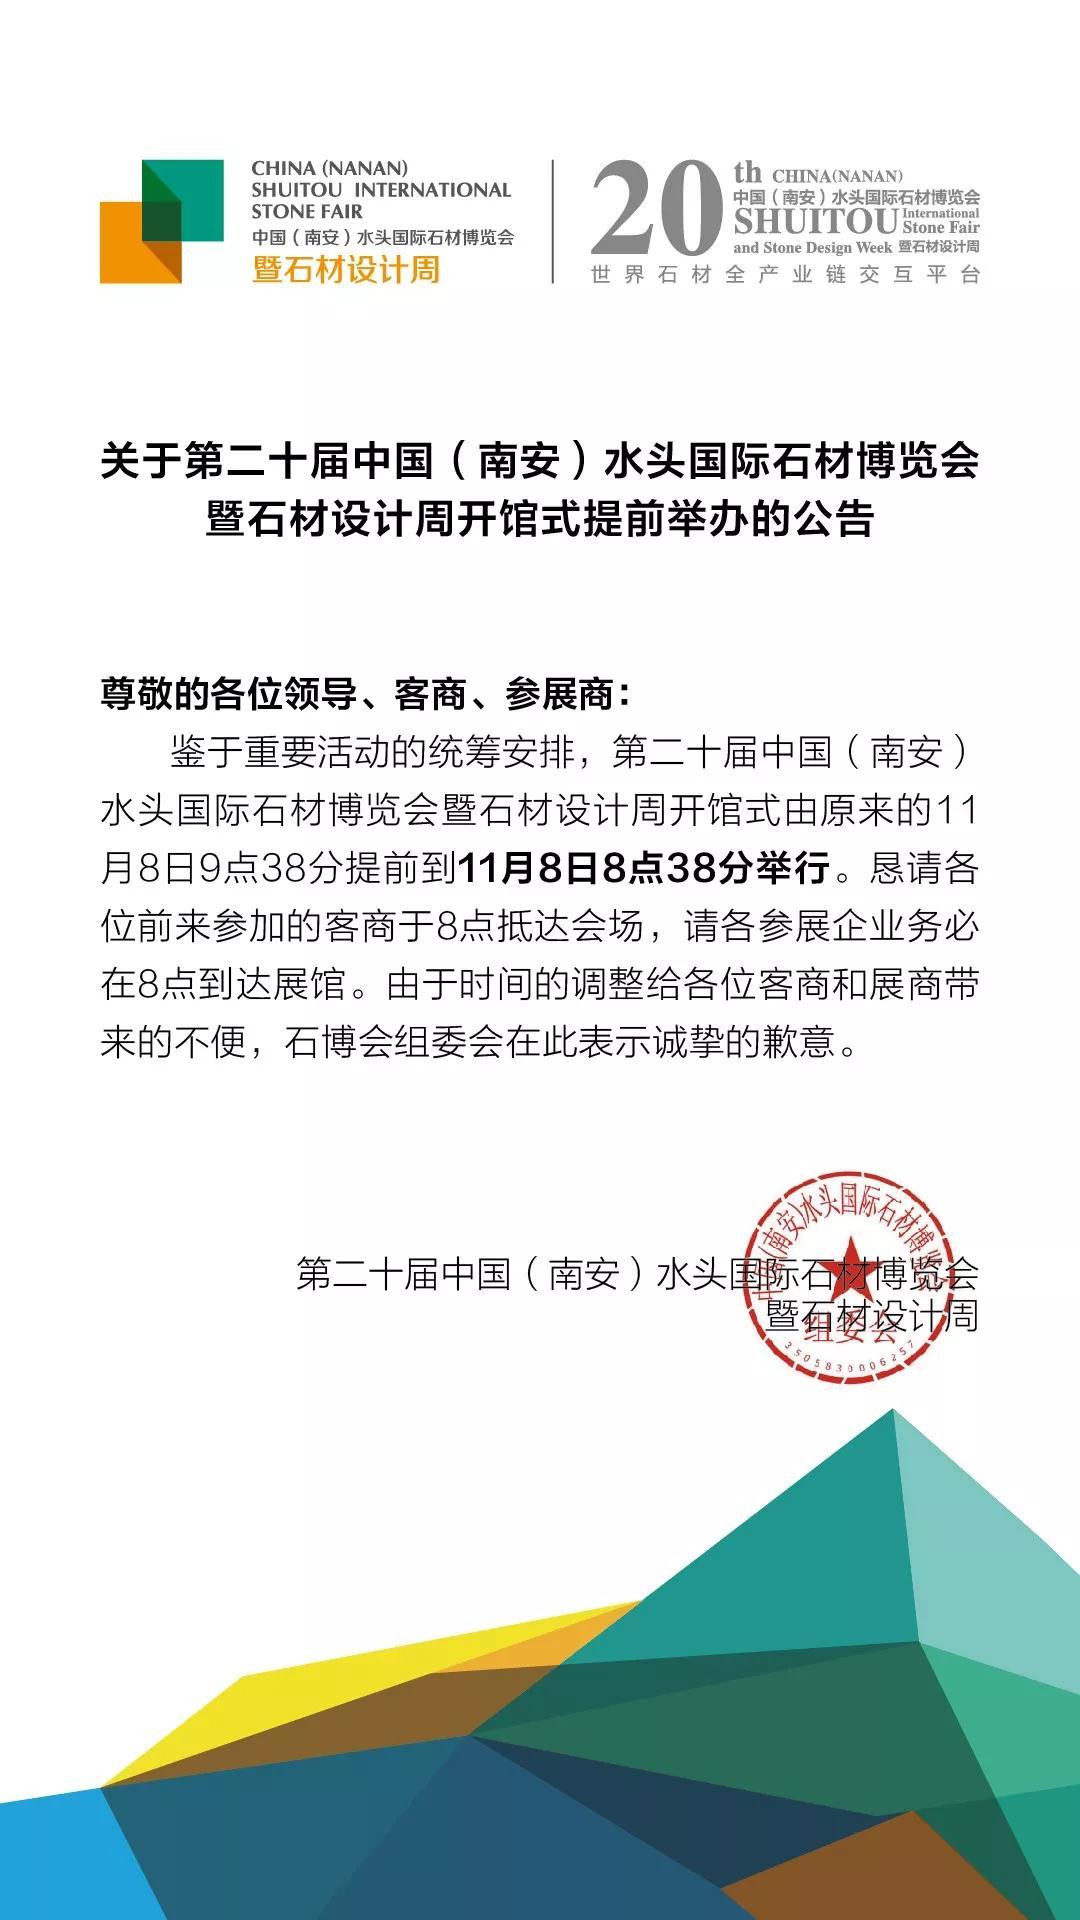 【官方推荐】2019水头石博会交通出行指南